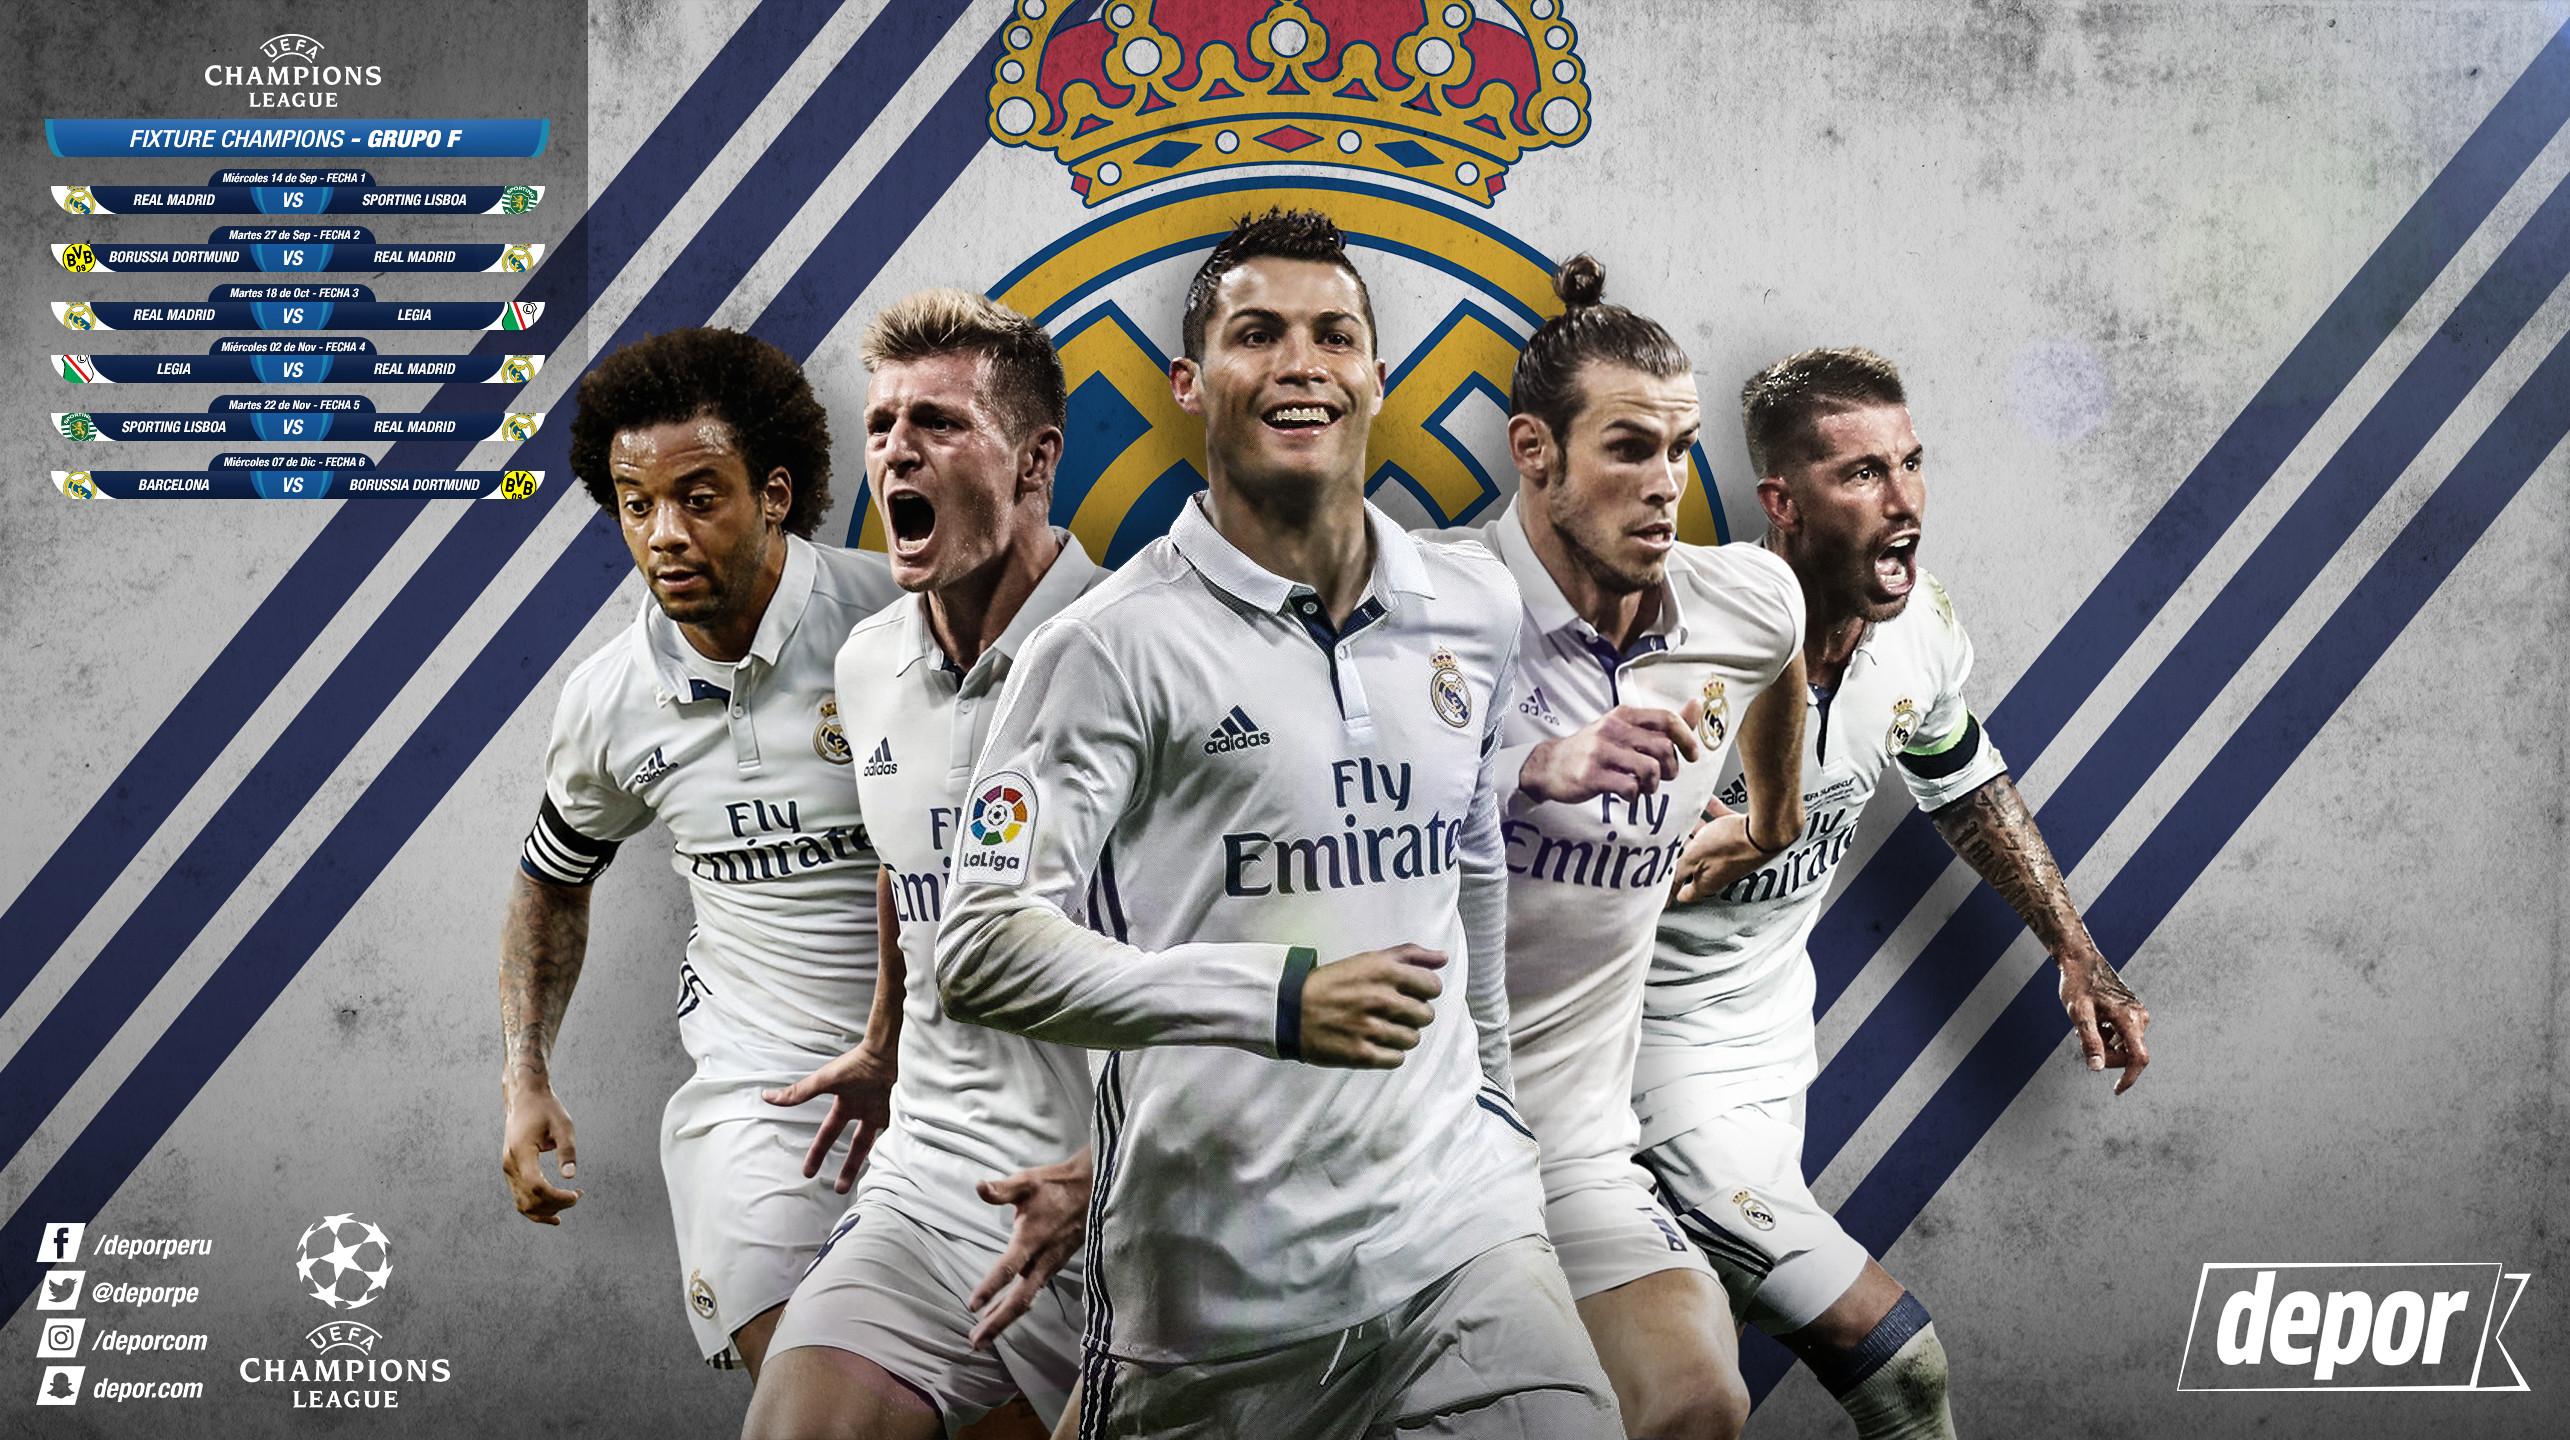 Res: 2570x1440, AQUÍ puedes descargar el Wallpaper del Real Madrid para PC.